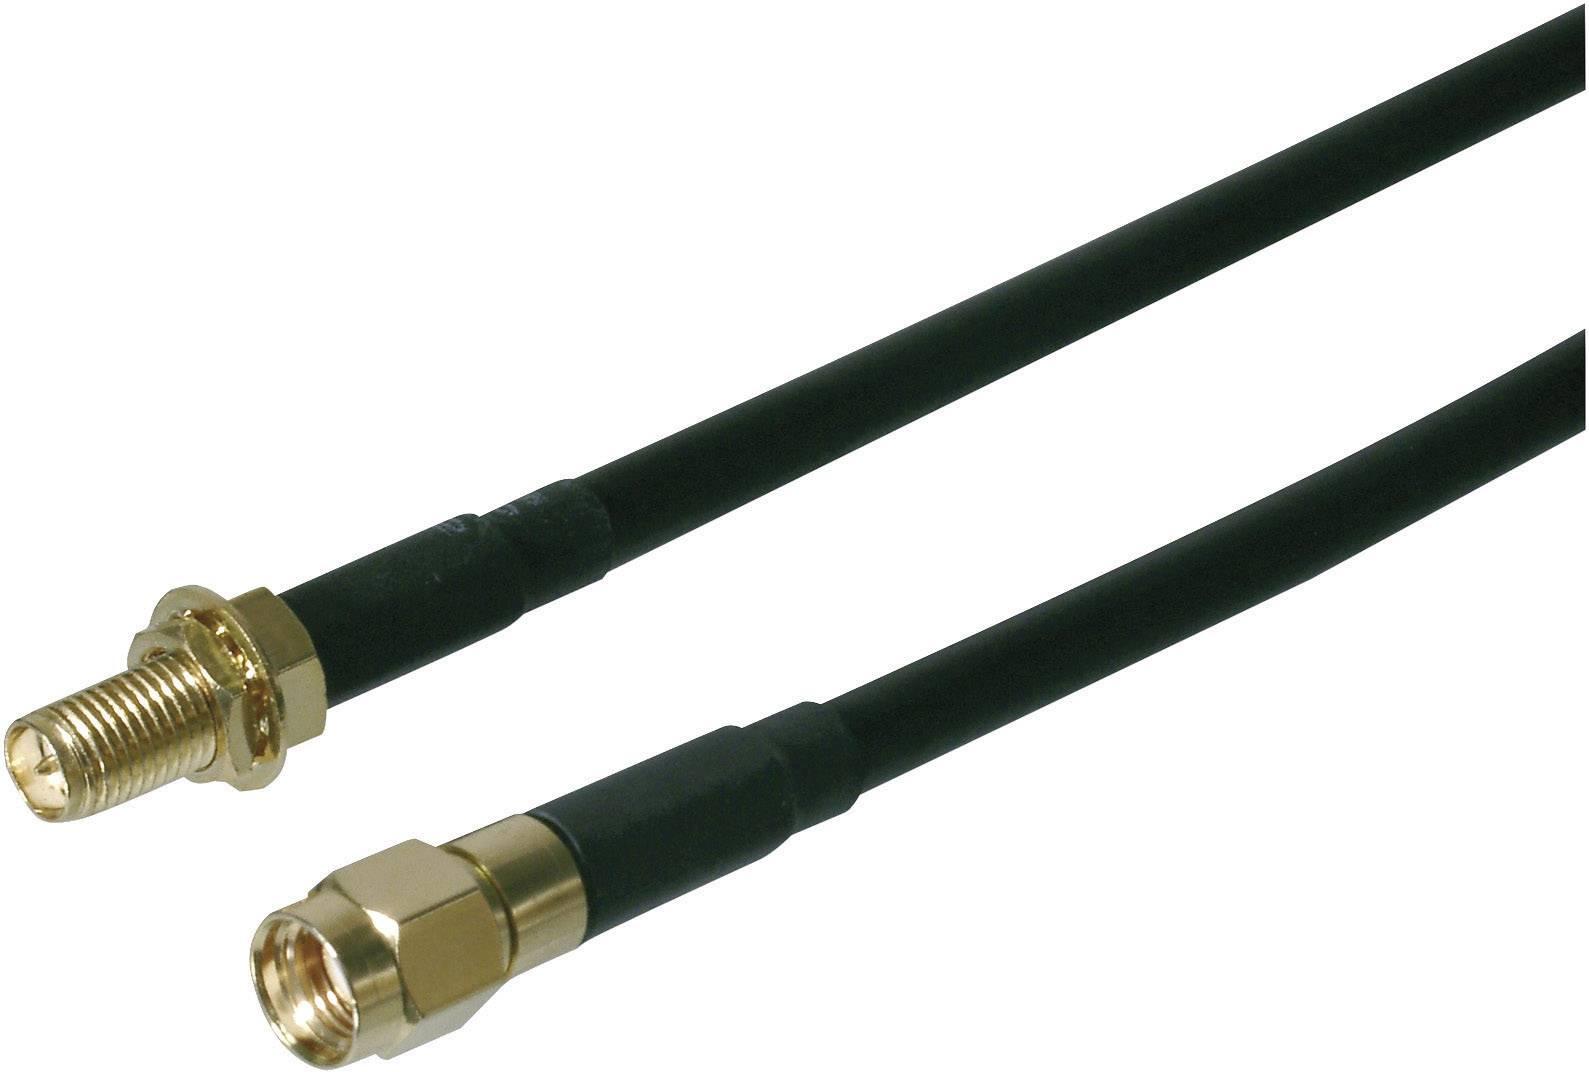 Predlžovací kábel pre Wi-Fi antény Digitus DB-560200-050-S, pozlátené kontakty, 5 m, čierna